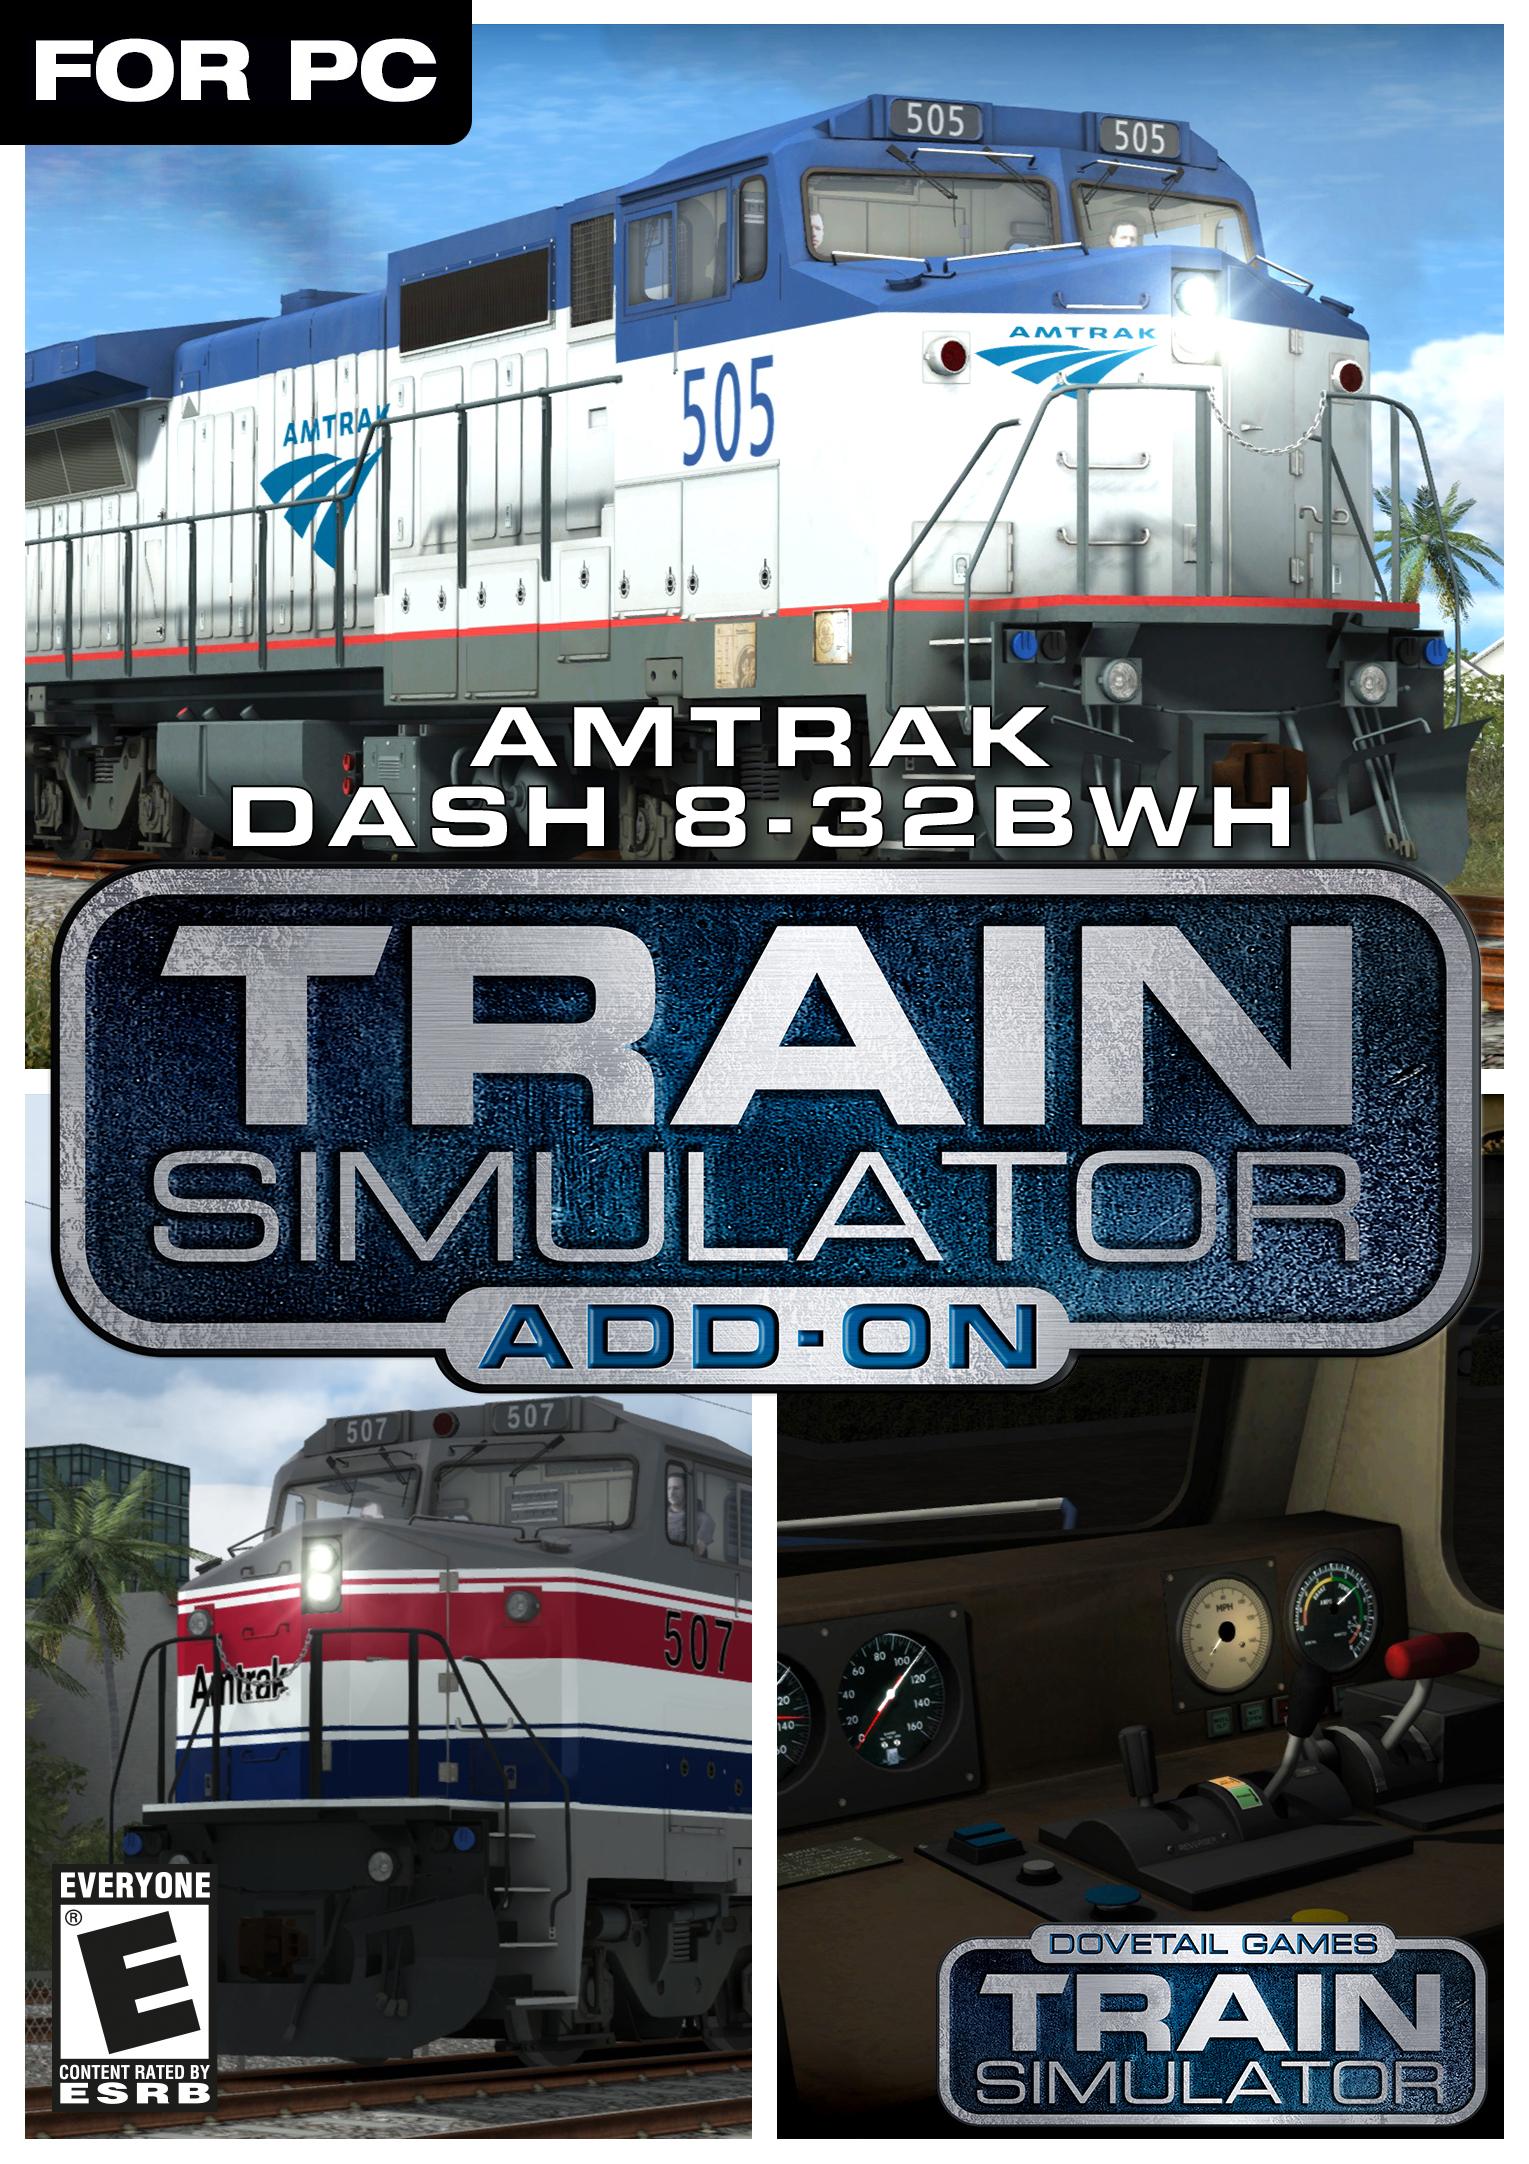 amtrakr-dash-8-32bwh-loco-add-on-online-game-code